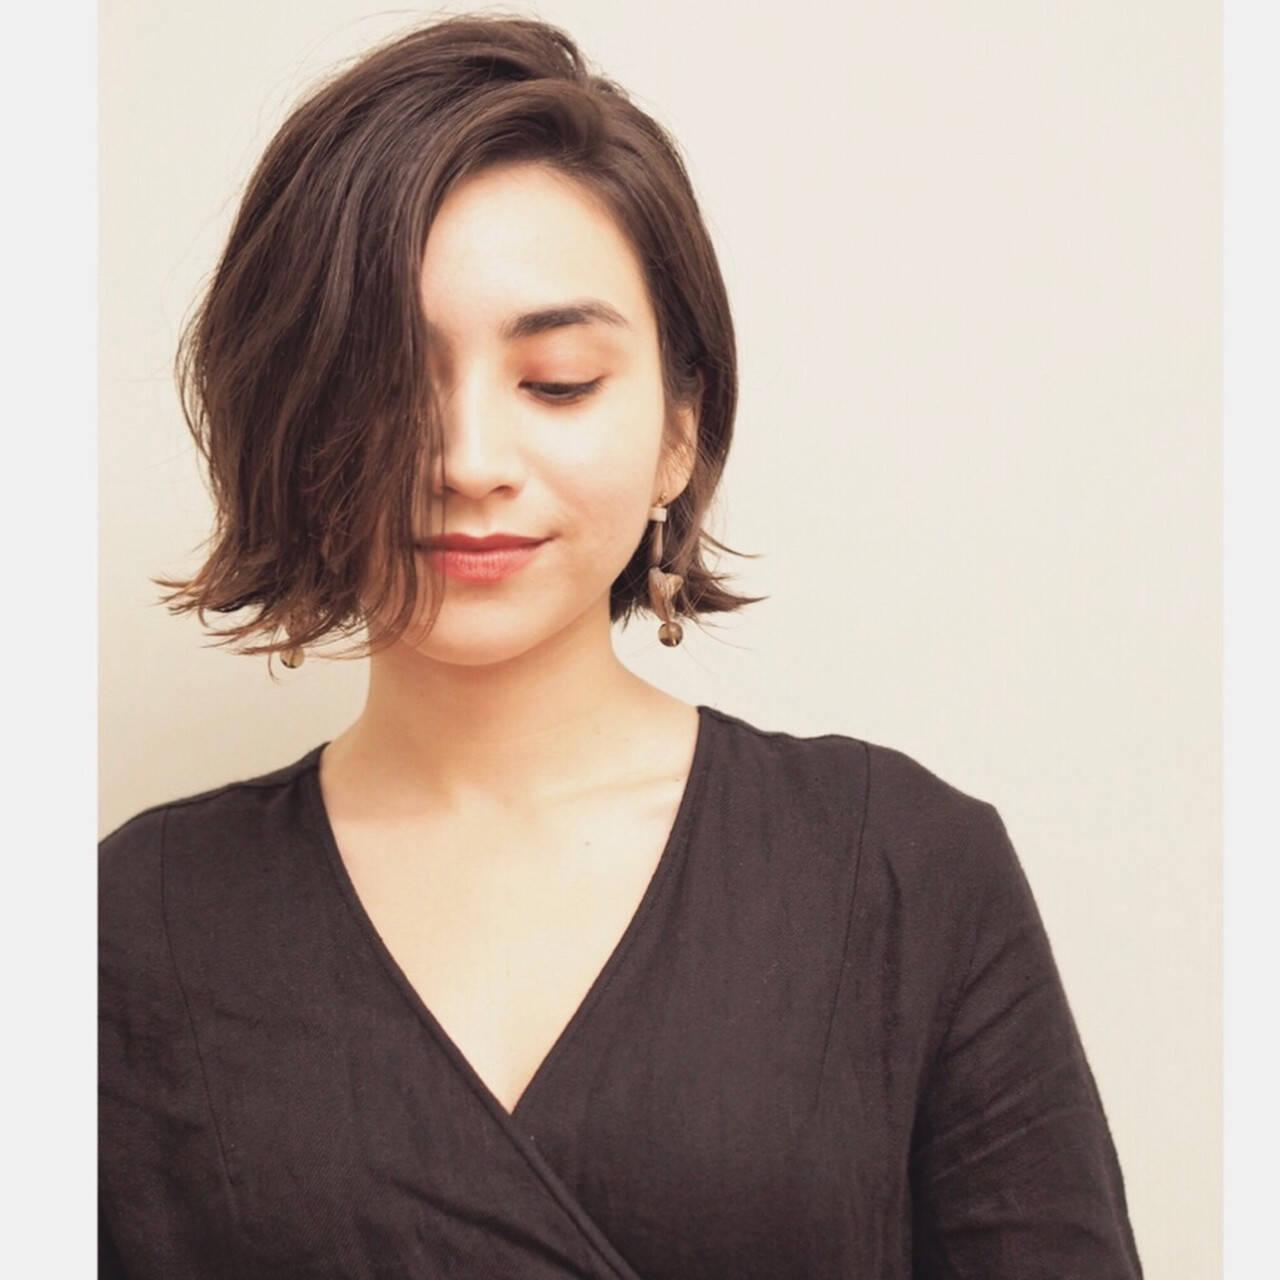 簡単スタイリング ボブ ナチュラル パーマヘアスタイルや髪型の写真・画像